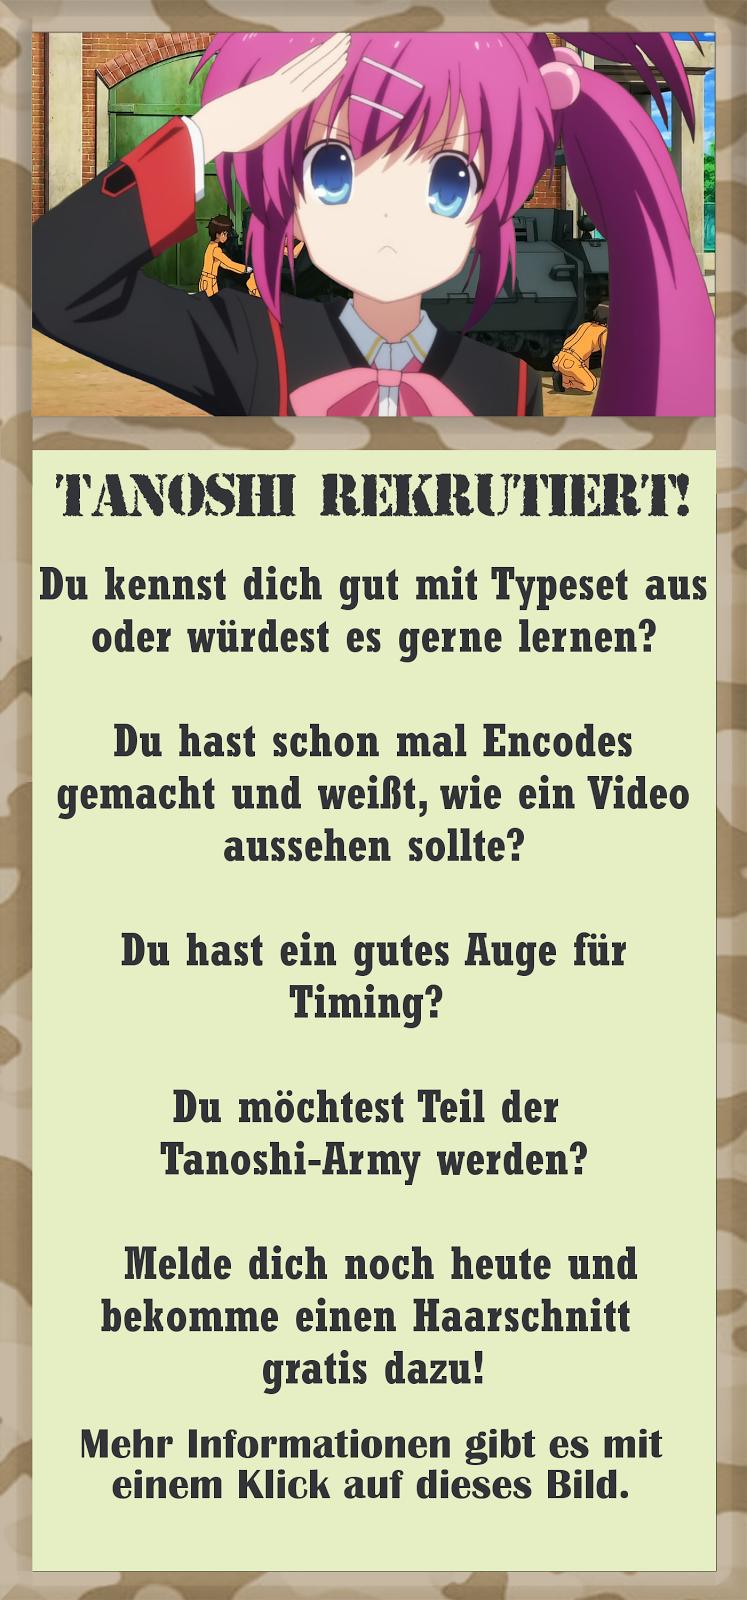 Tanoshi rekrutiert!